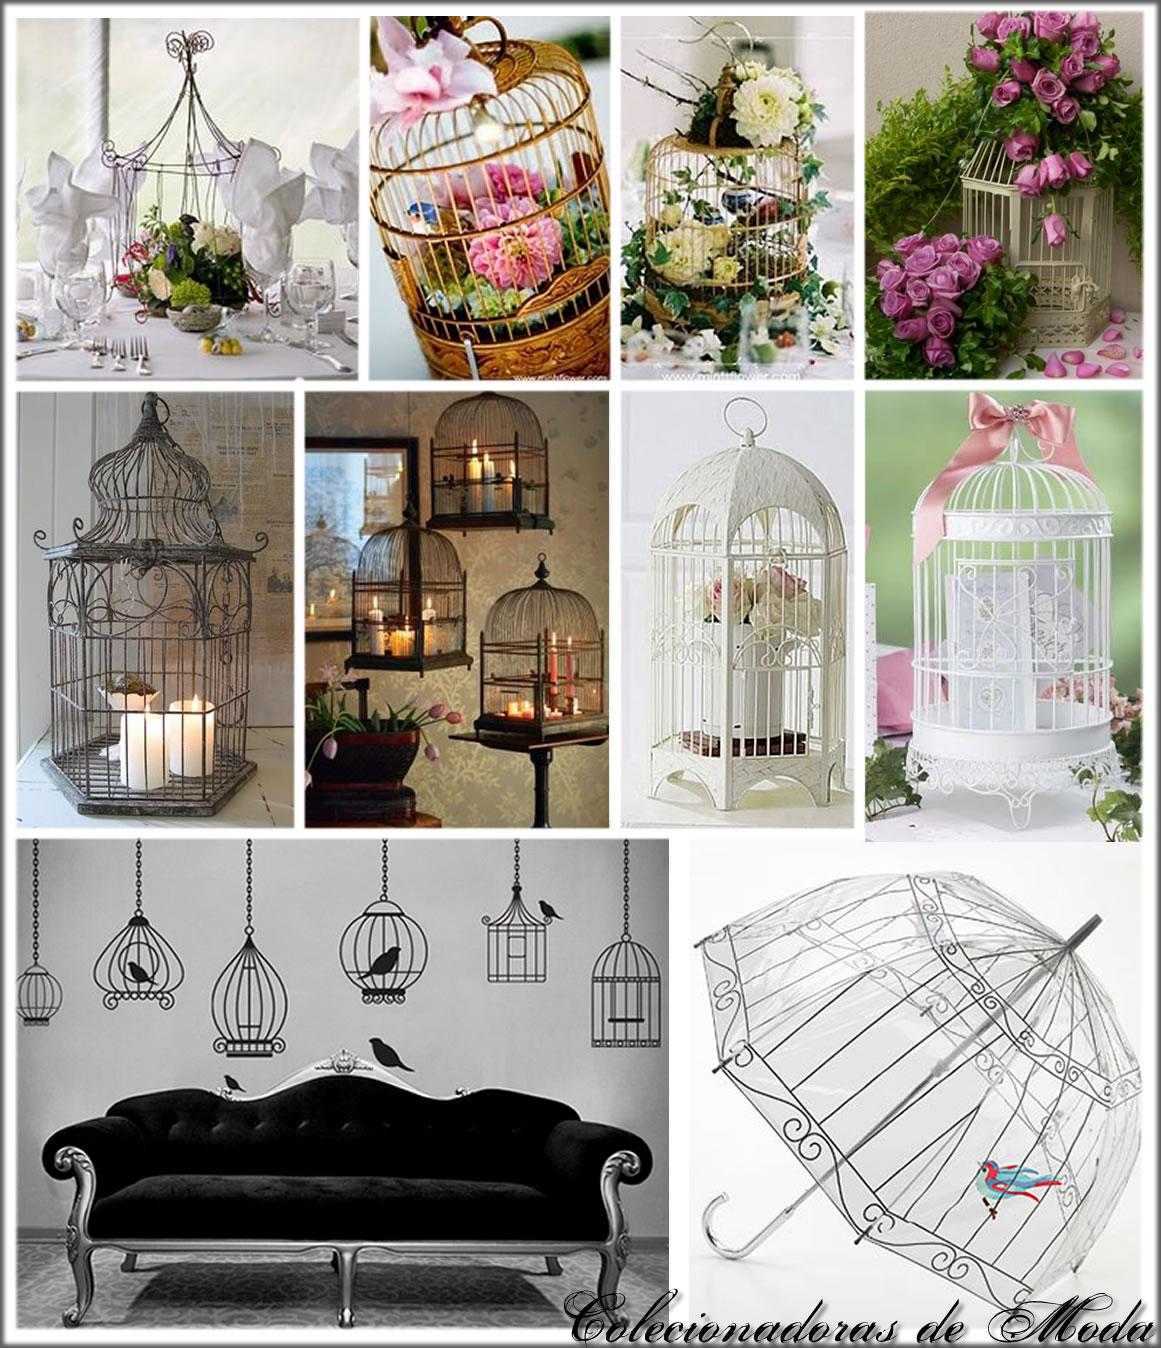 ideias criativas para decoracao de interiores : ideias criativas para decoracao de interiores:Rustika Design: Gaiolas na decoração!